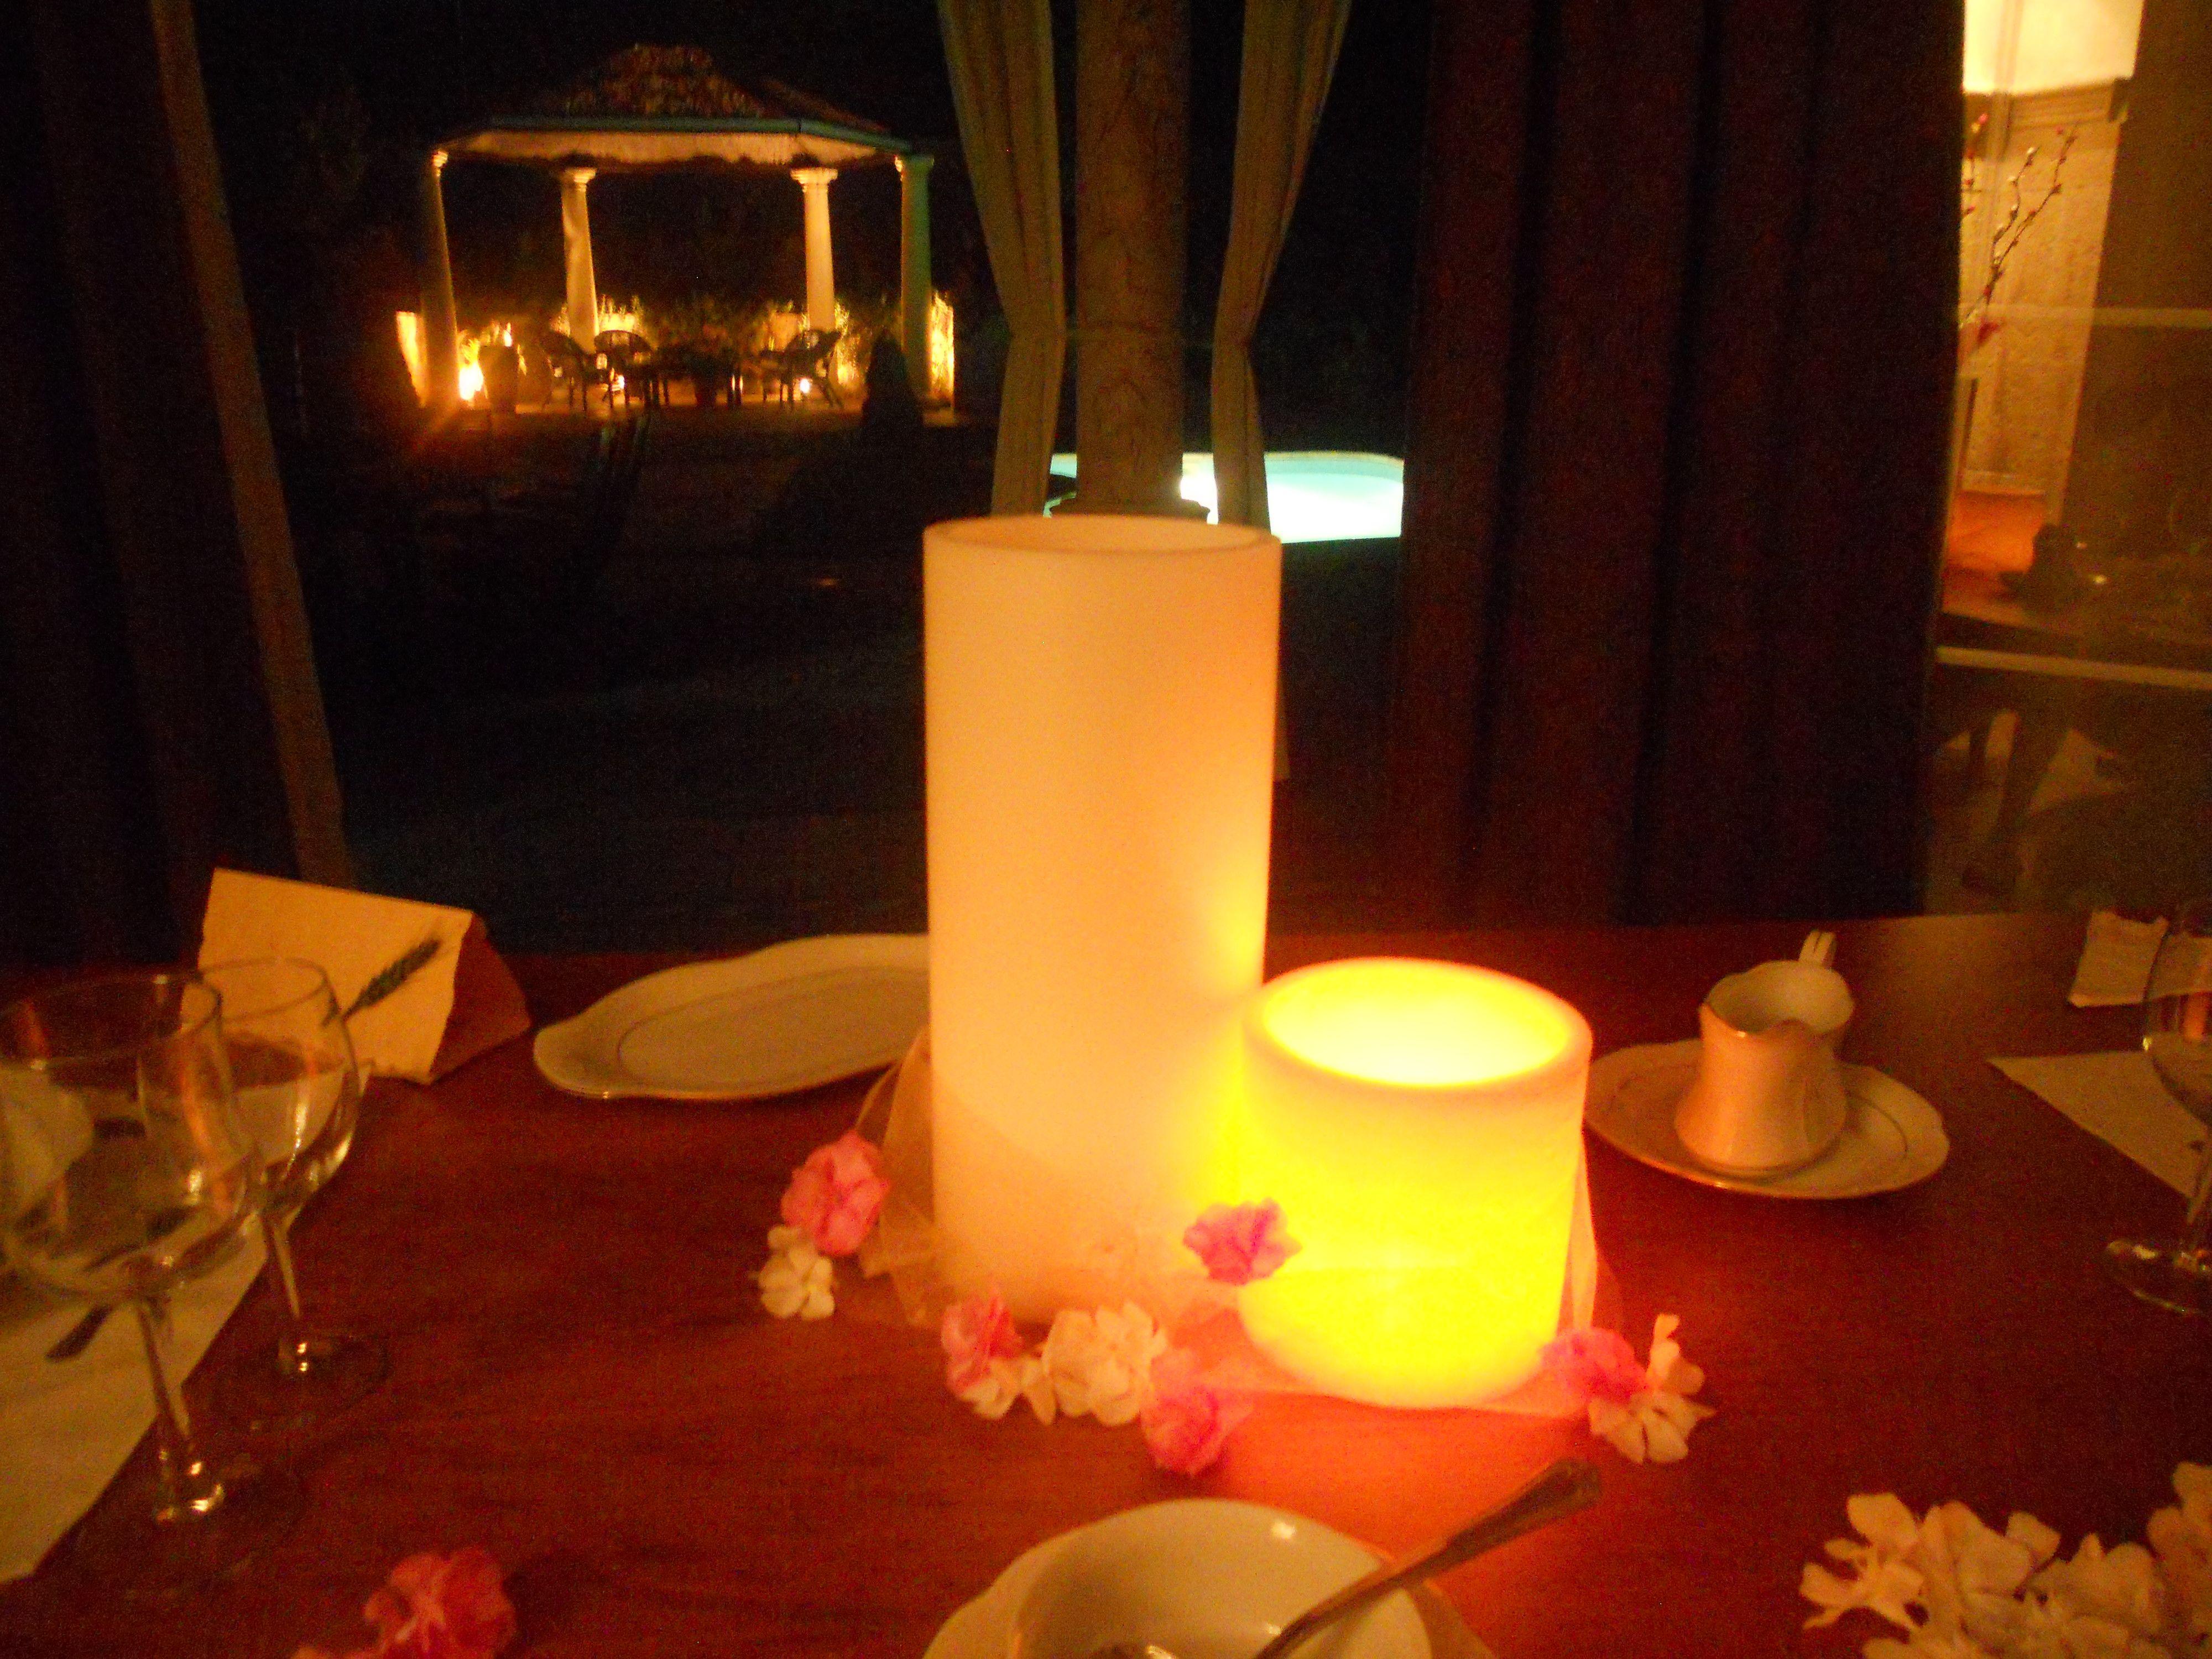 En una cena rom ntica las velas son parte imprescindible de la decoraci n de la mesa nos da un - Cena romantica con velas ...